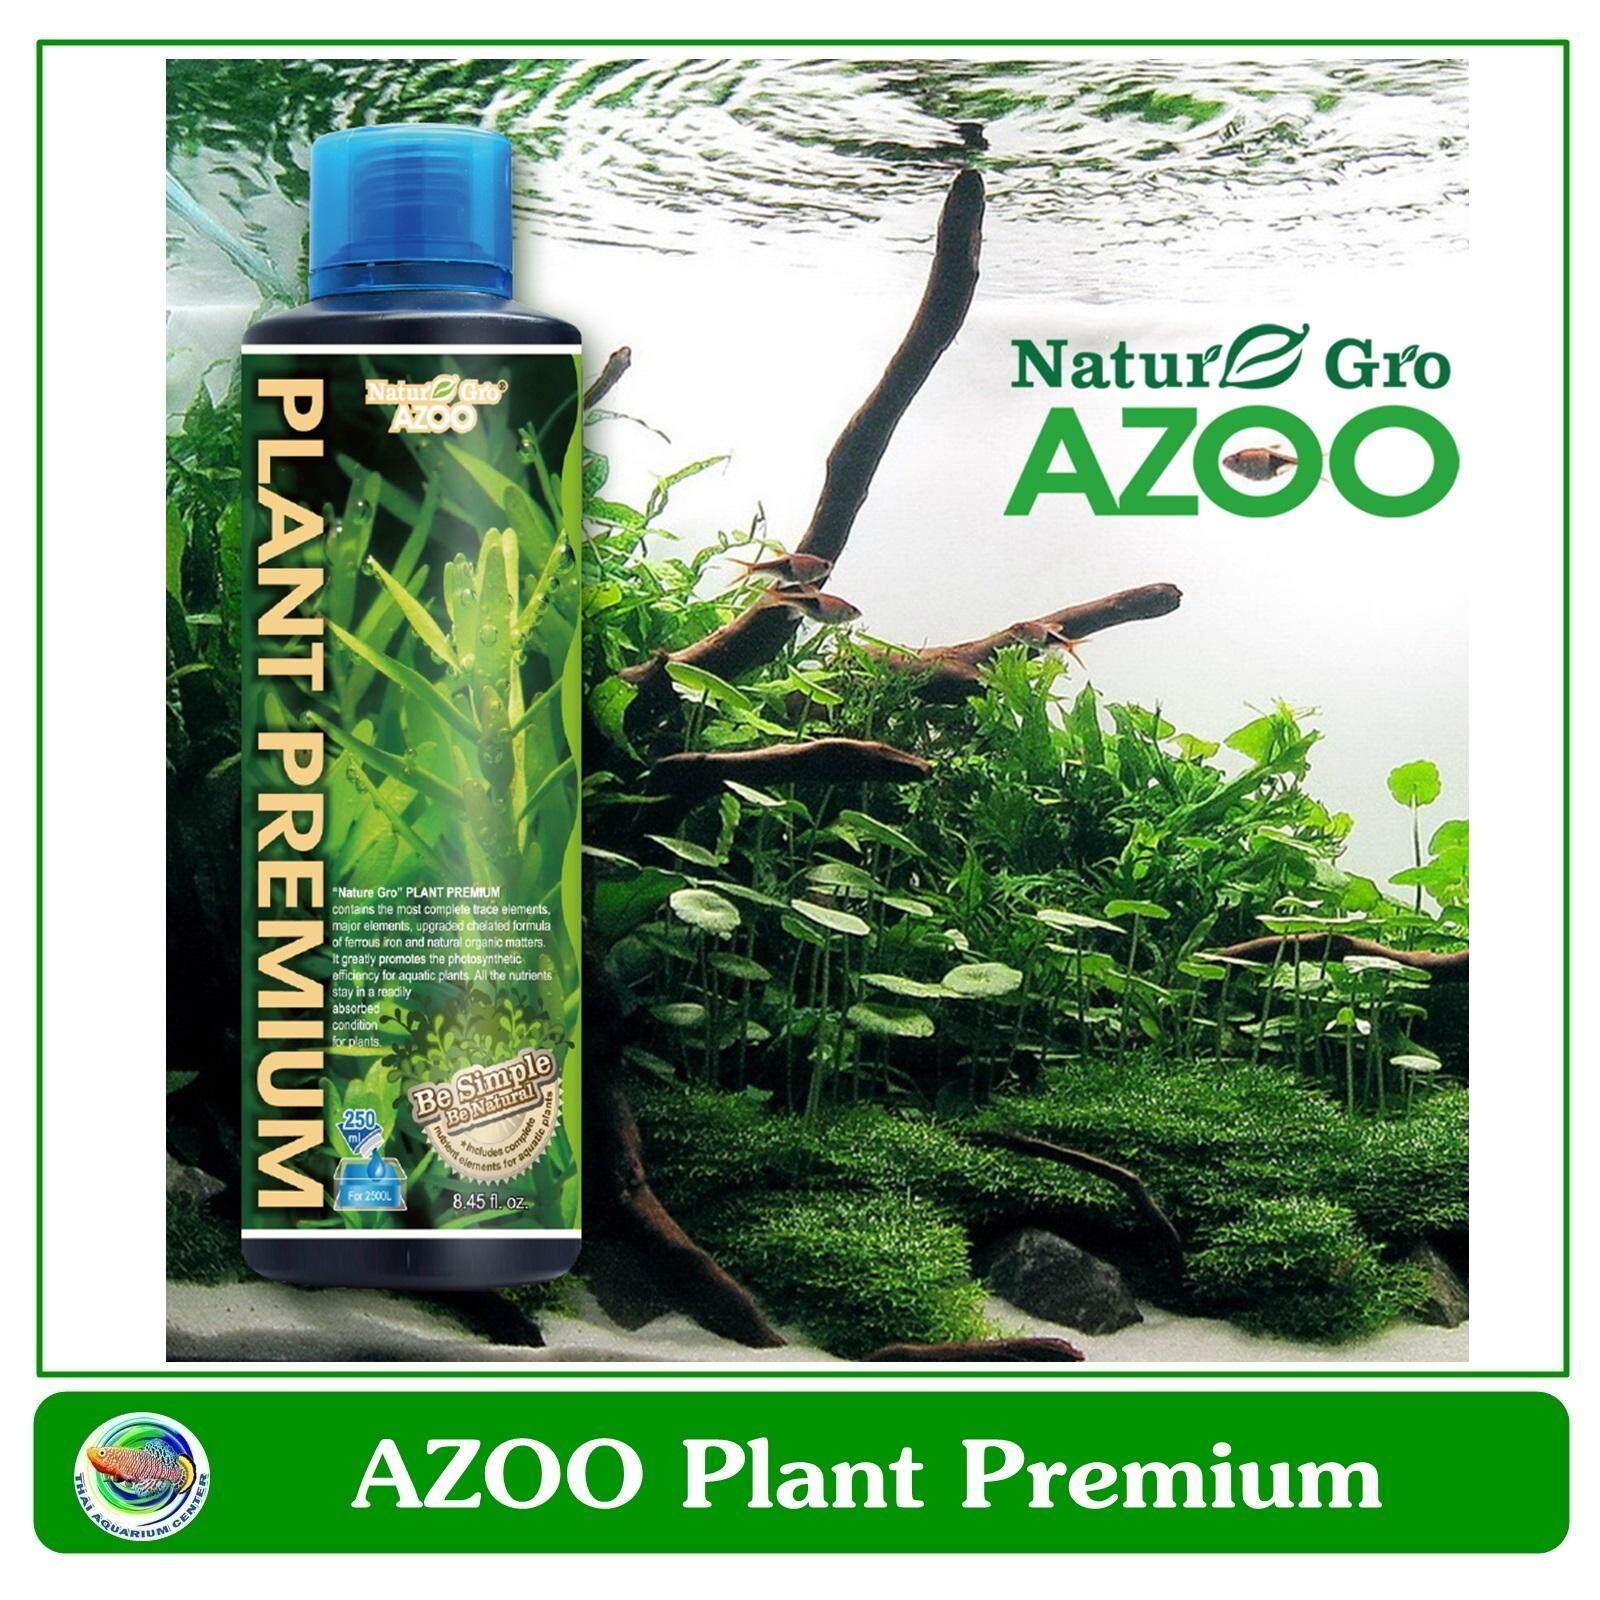 ขาย Azoo Plant Premium 250 Ml ปุ๋ยน้ำสำหรับไม้น้ำ ในตู้ปลา ใช้ได้ทั้งต้นไม้สีเขียวและต้นไม้สีแดง ใหม่